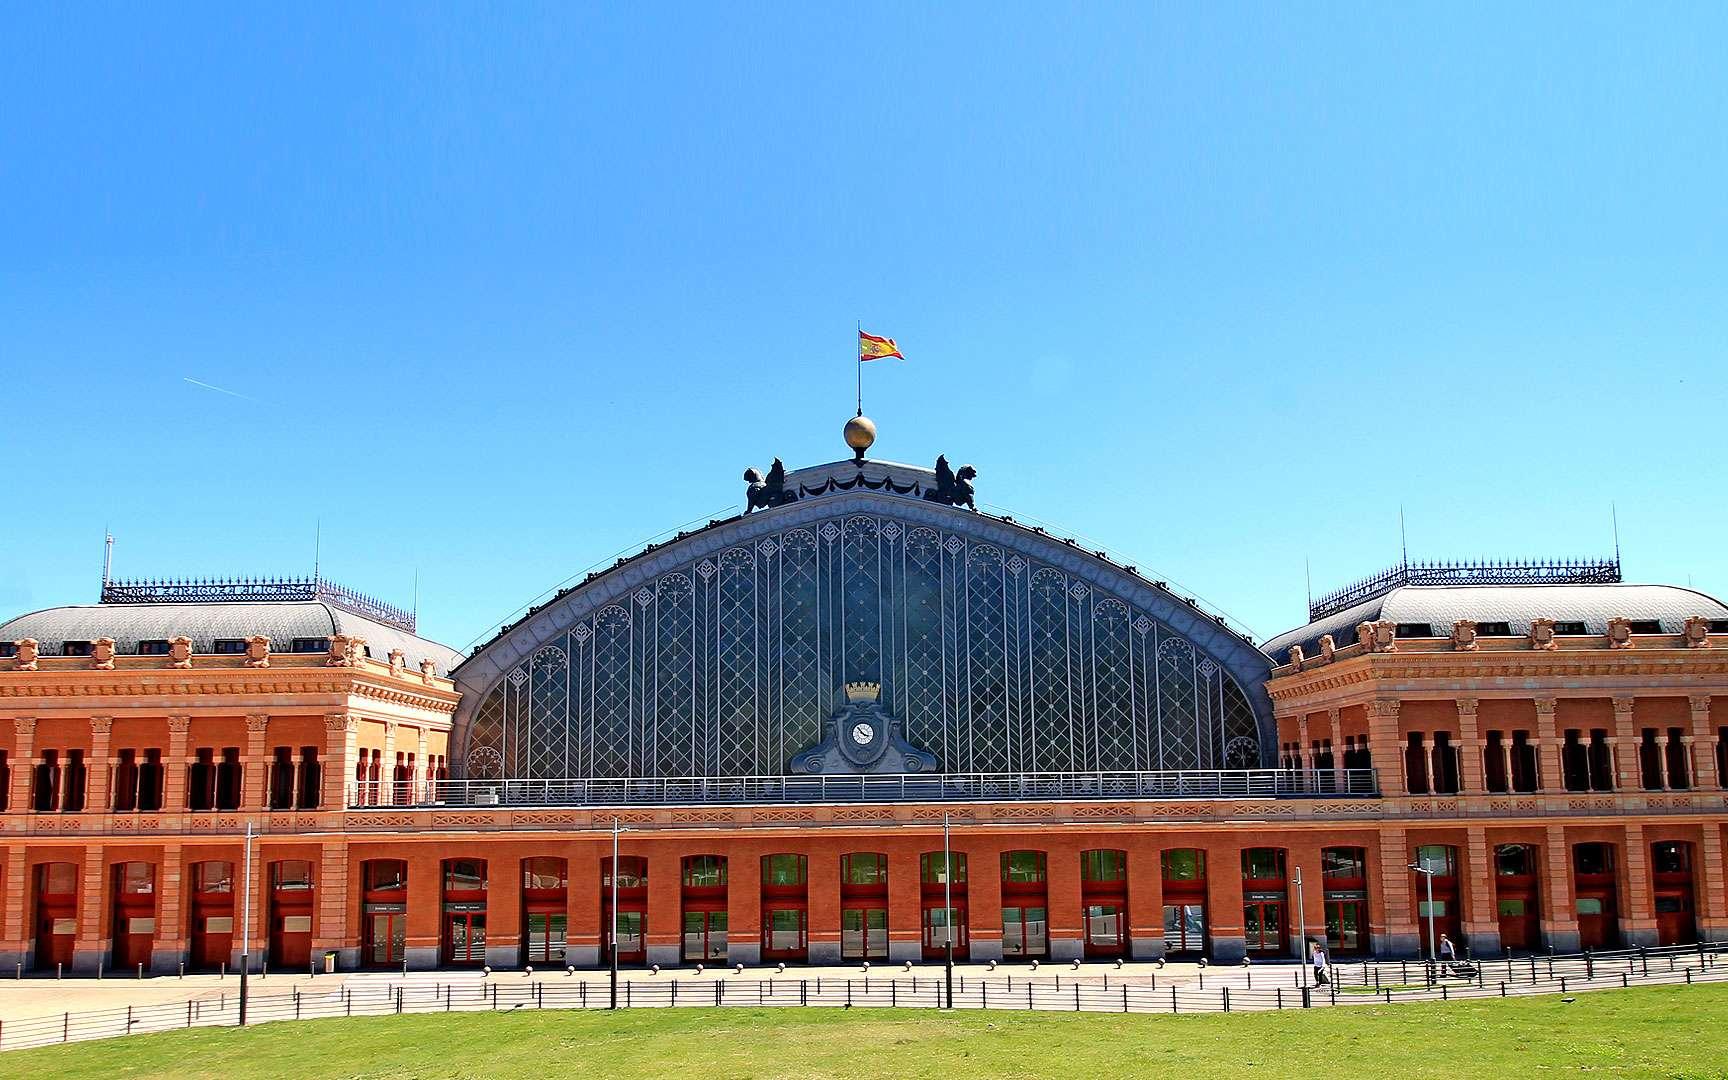 La gare d'Atocha se dresse dans la capitale de l'Espagne, Madrid. Inaugurée en 1851, elle était la première gare de Madrid et a été instaurée par la reine Isabelle II, à l'instar de deux autres gares madrilènes : Delicias et celle du Nord. Quant à la gare d'Atocha, ravagée par un incendie quelques dizaines d'années plus tard, elle a été reconstruite en fer entre 1888 et 1892. Face à l'entrée de la gare, un mémorial a été érigé en hommage aux quelque 200 personnes tuées dans l'attentat du 11 mars 2004.© Luis García, CC by-sa 4.0